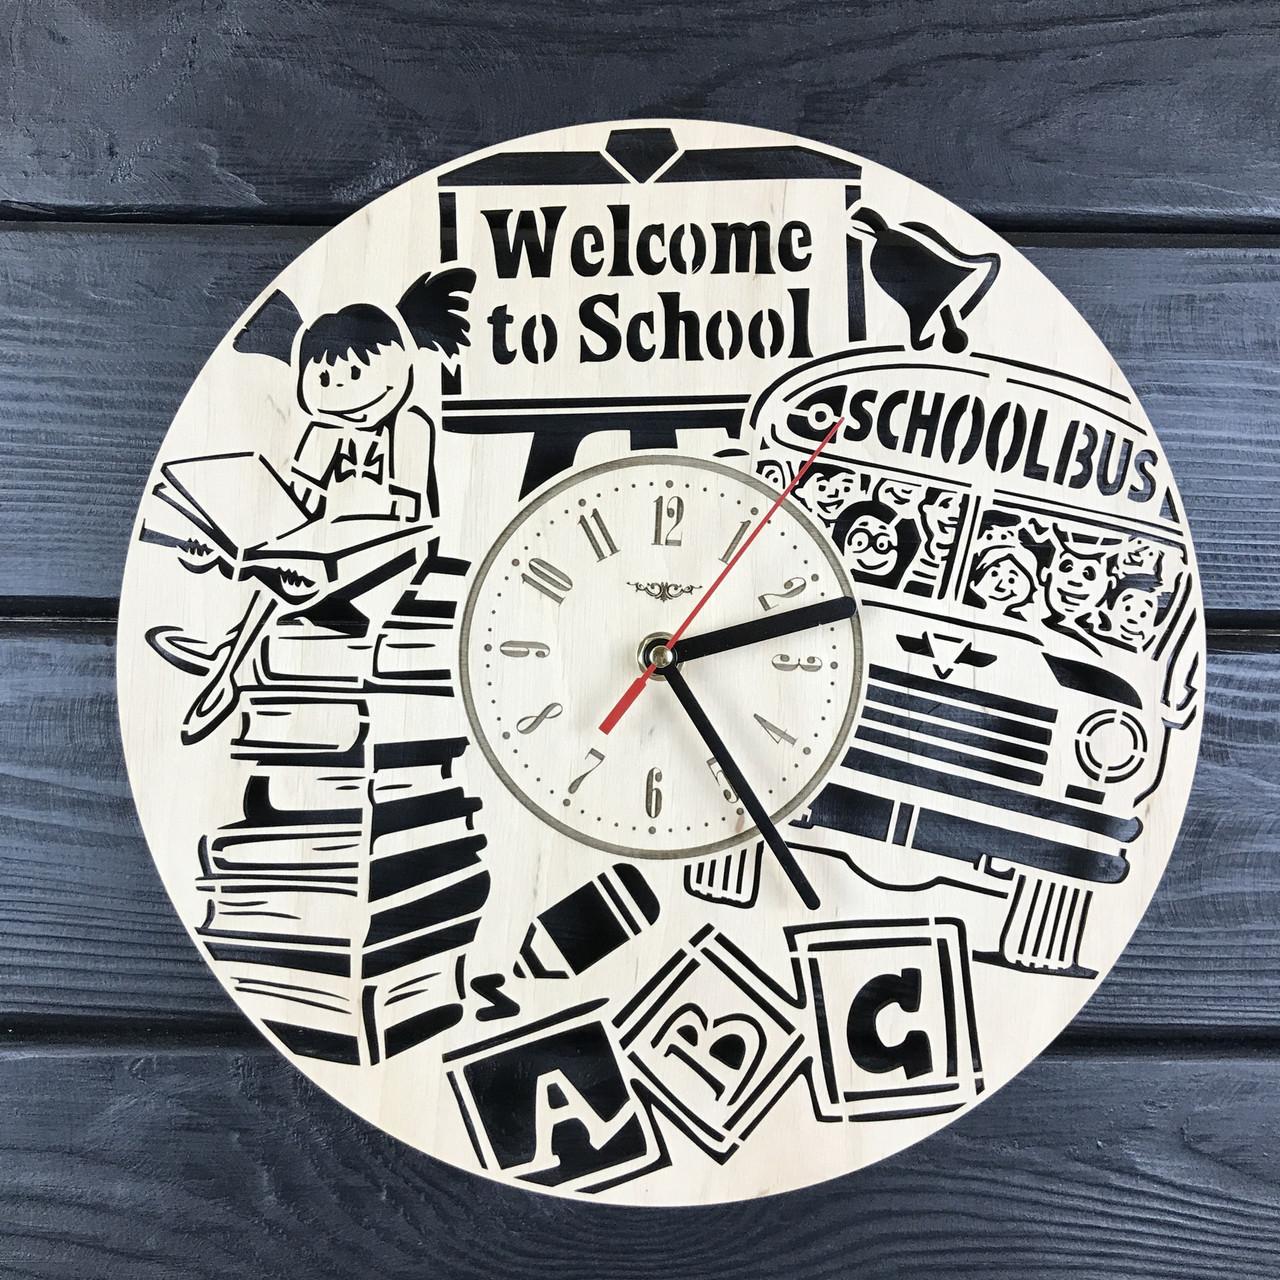 Оригинальные интерьерные настенные часы «Добро пожаловать в школу»